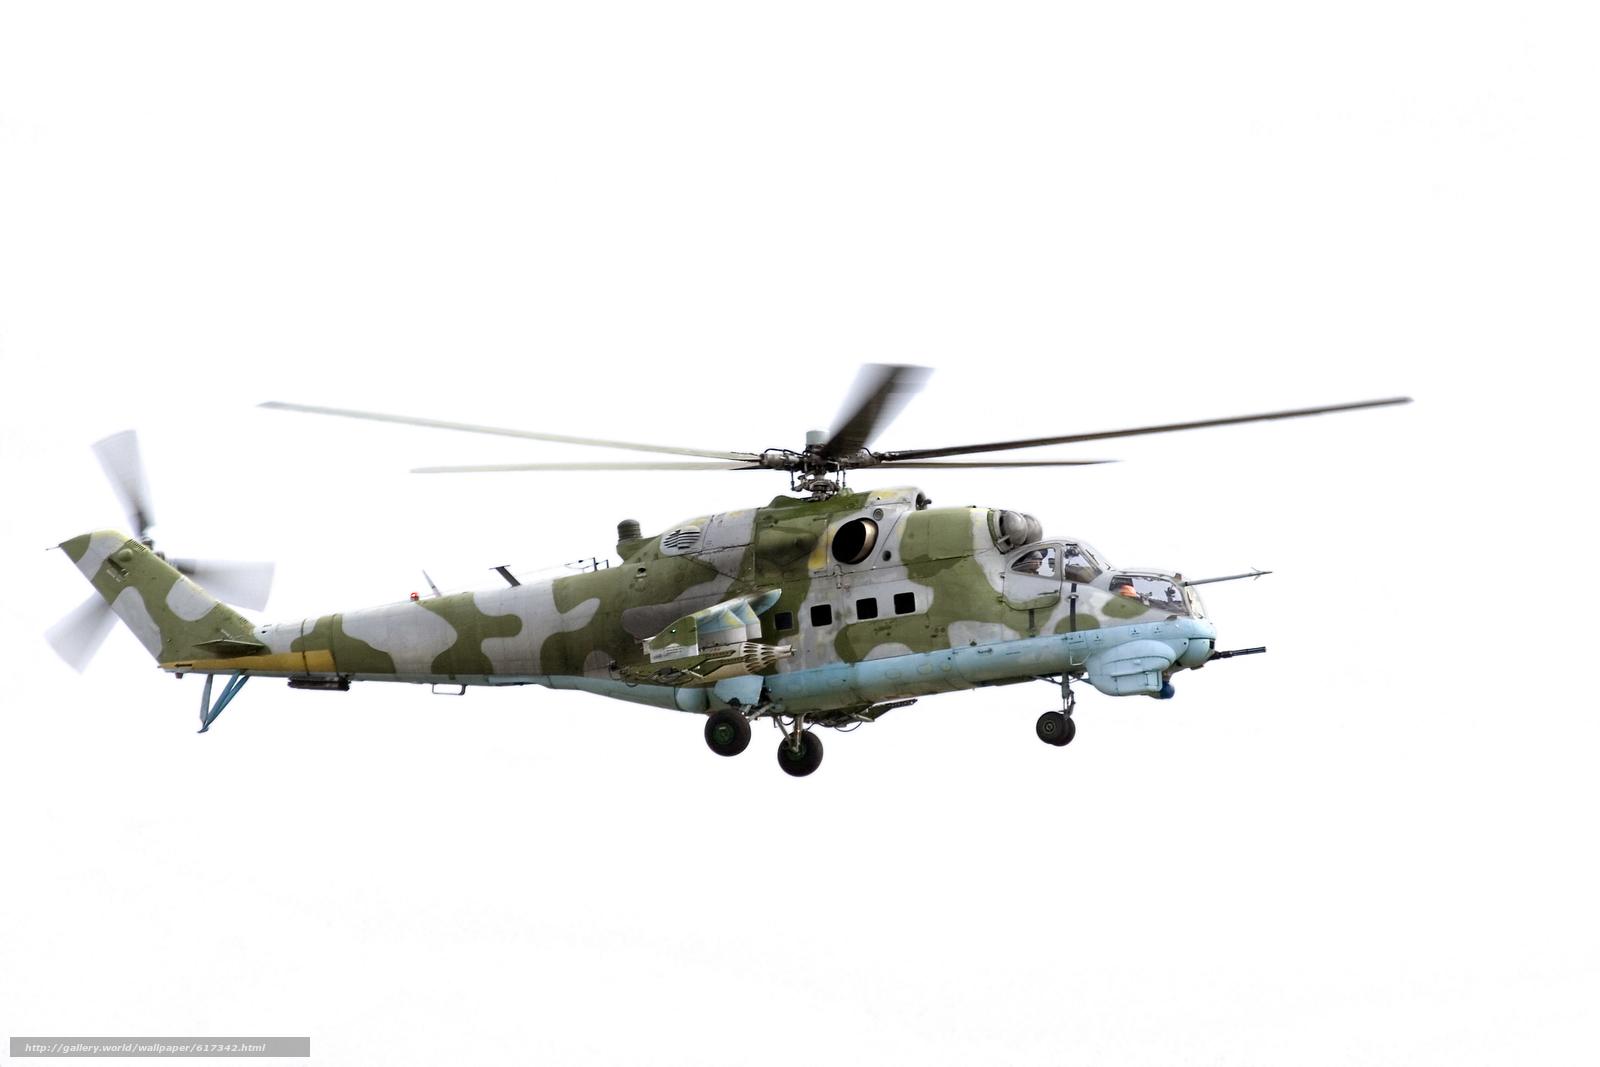 ударный, вертолет, МИ-24, Hind